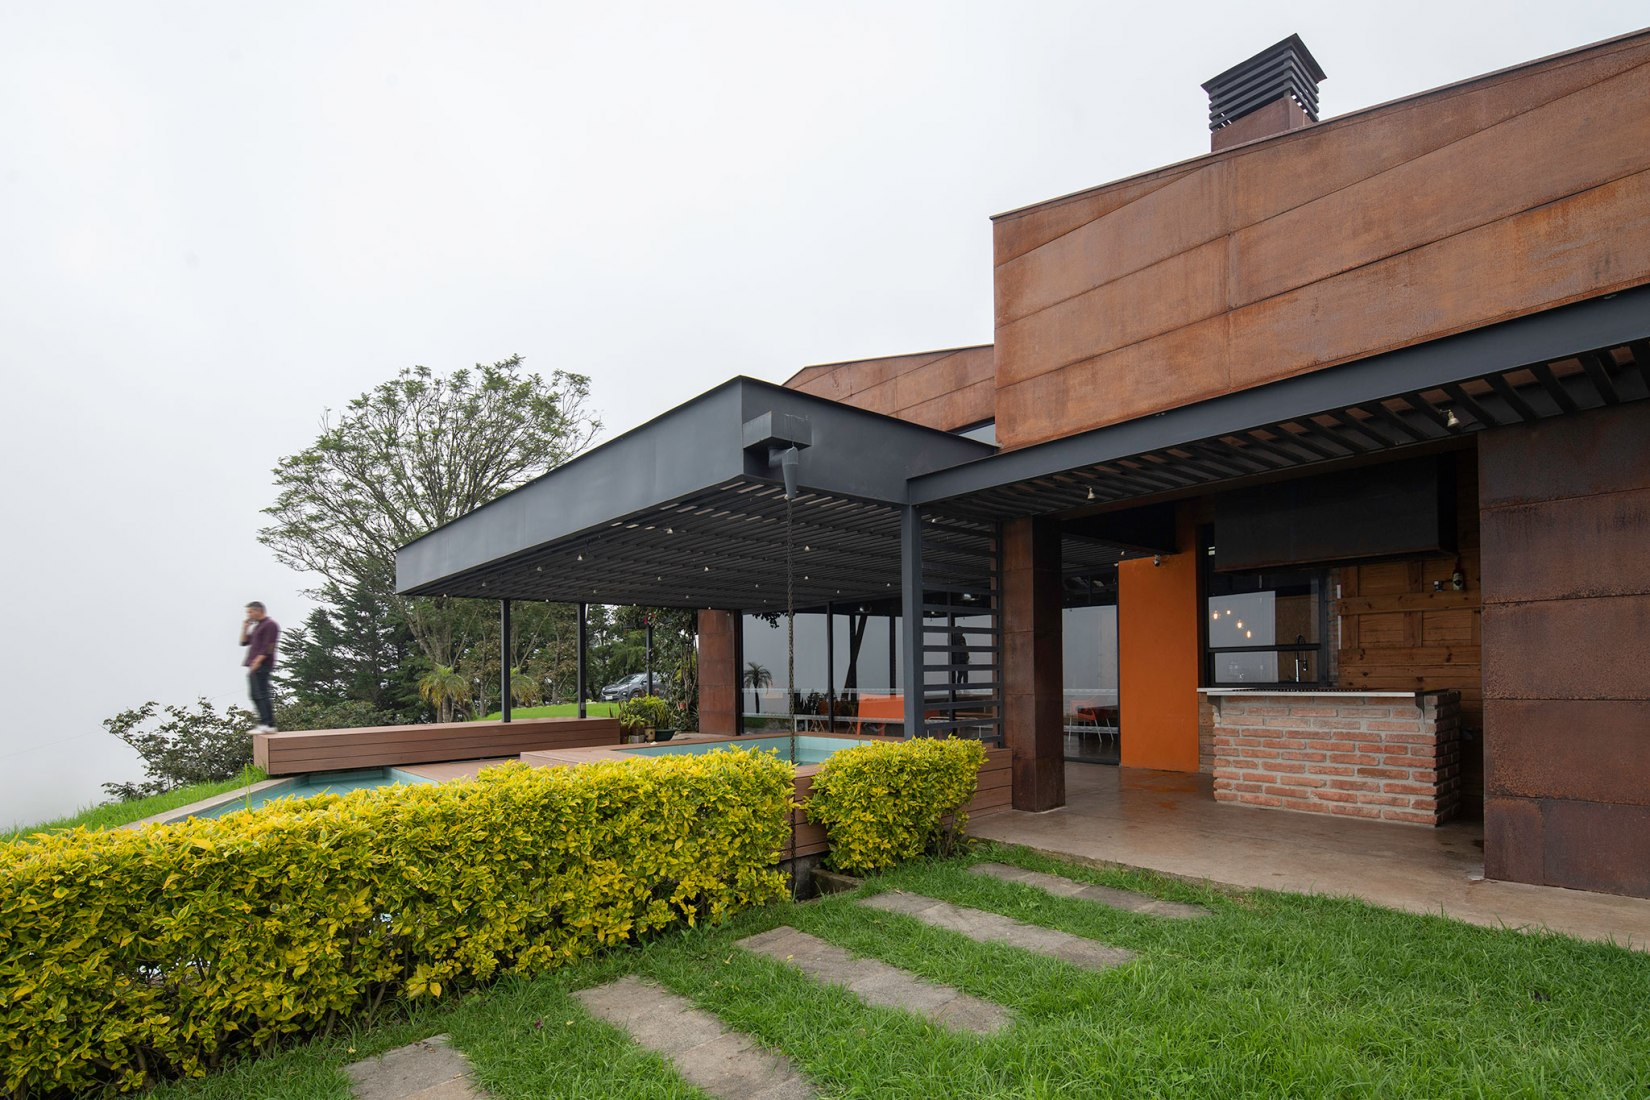 Casa Galpón por Sebastián Mora Arquitecto. Fotografía por Nicolás Provoste Fotografía